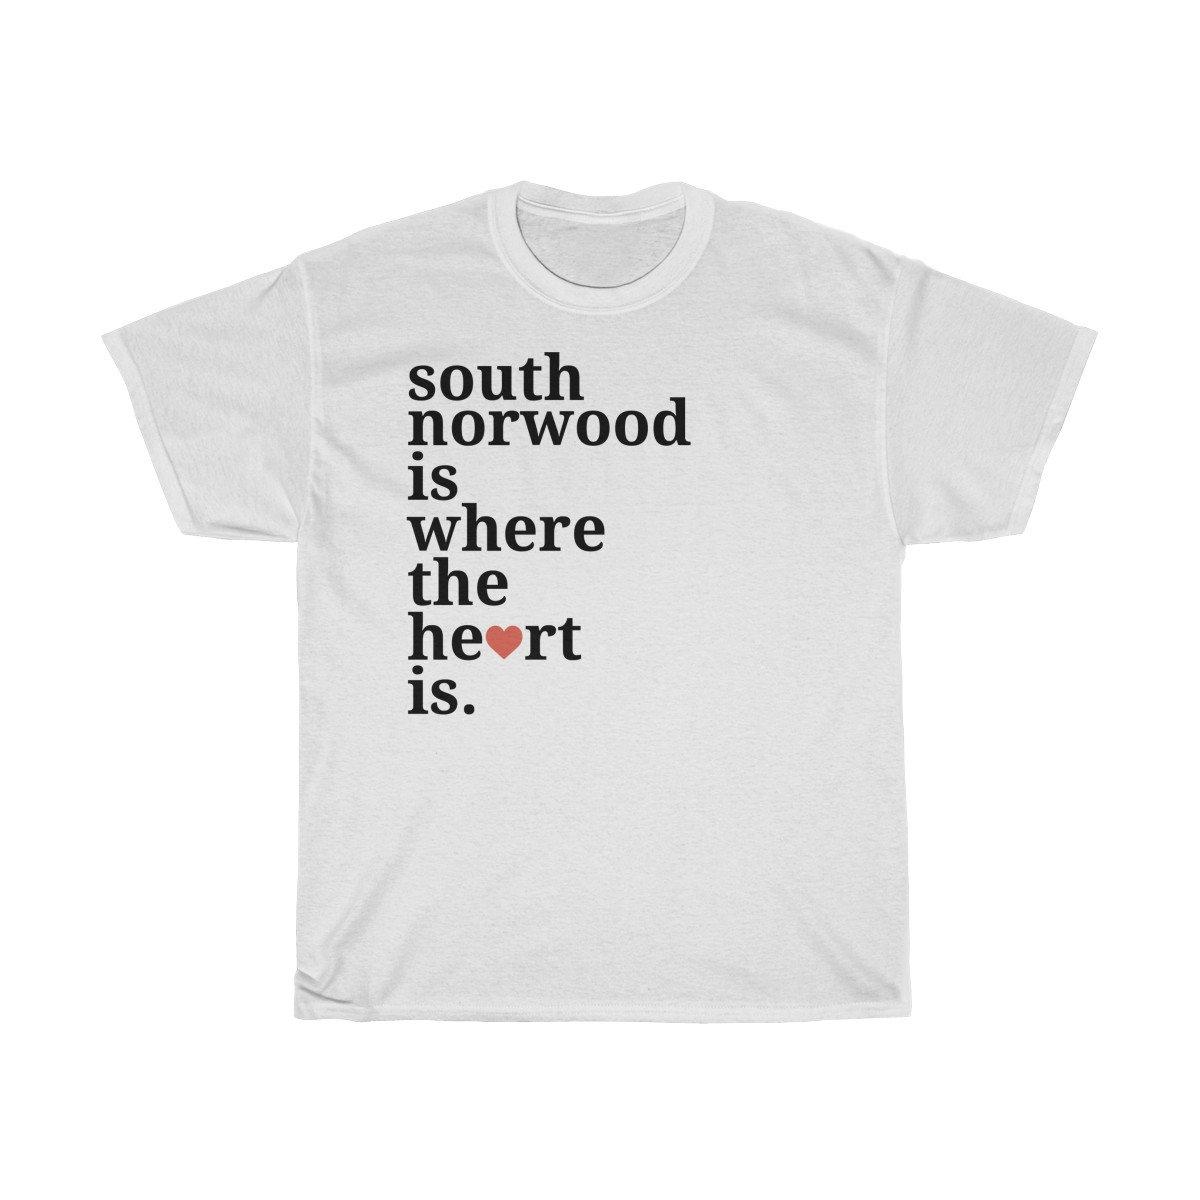 Norwood du est sud est où le coeur est du T-Shirt 11b747